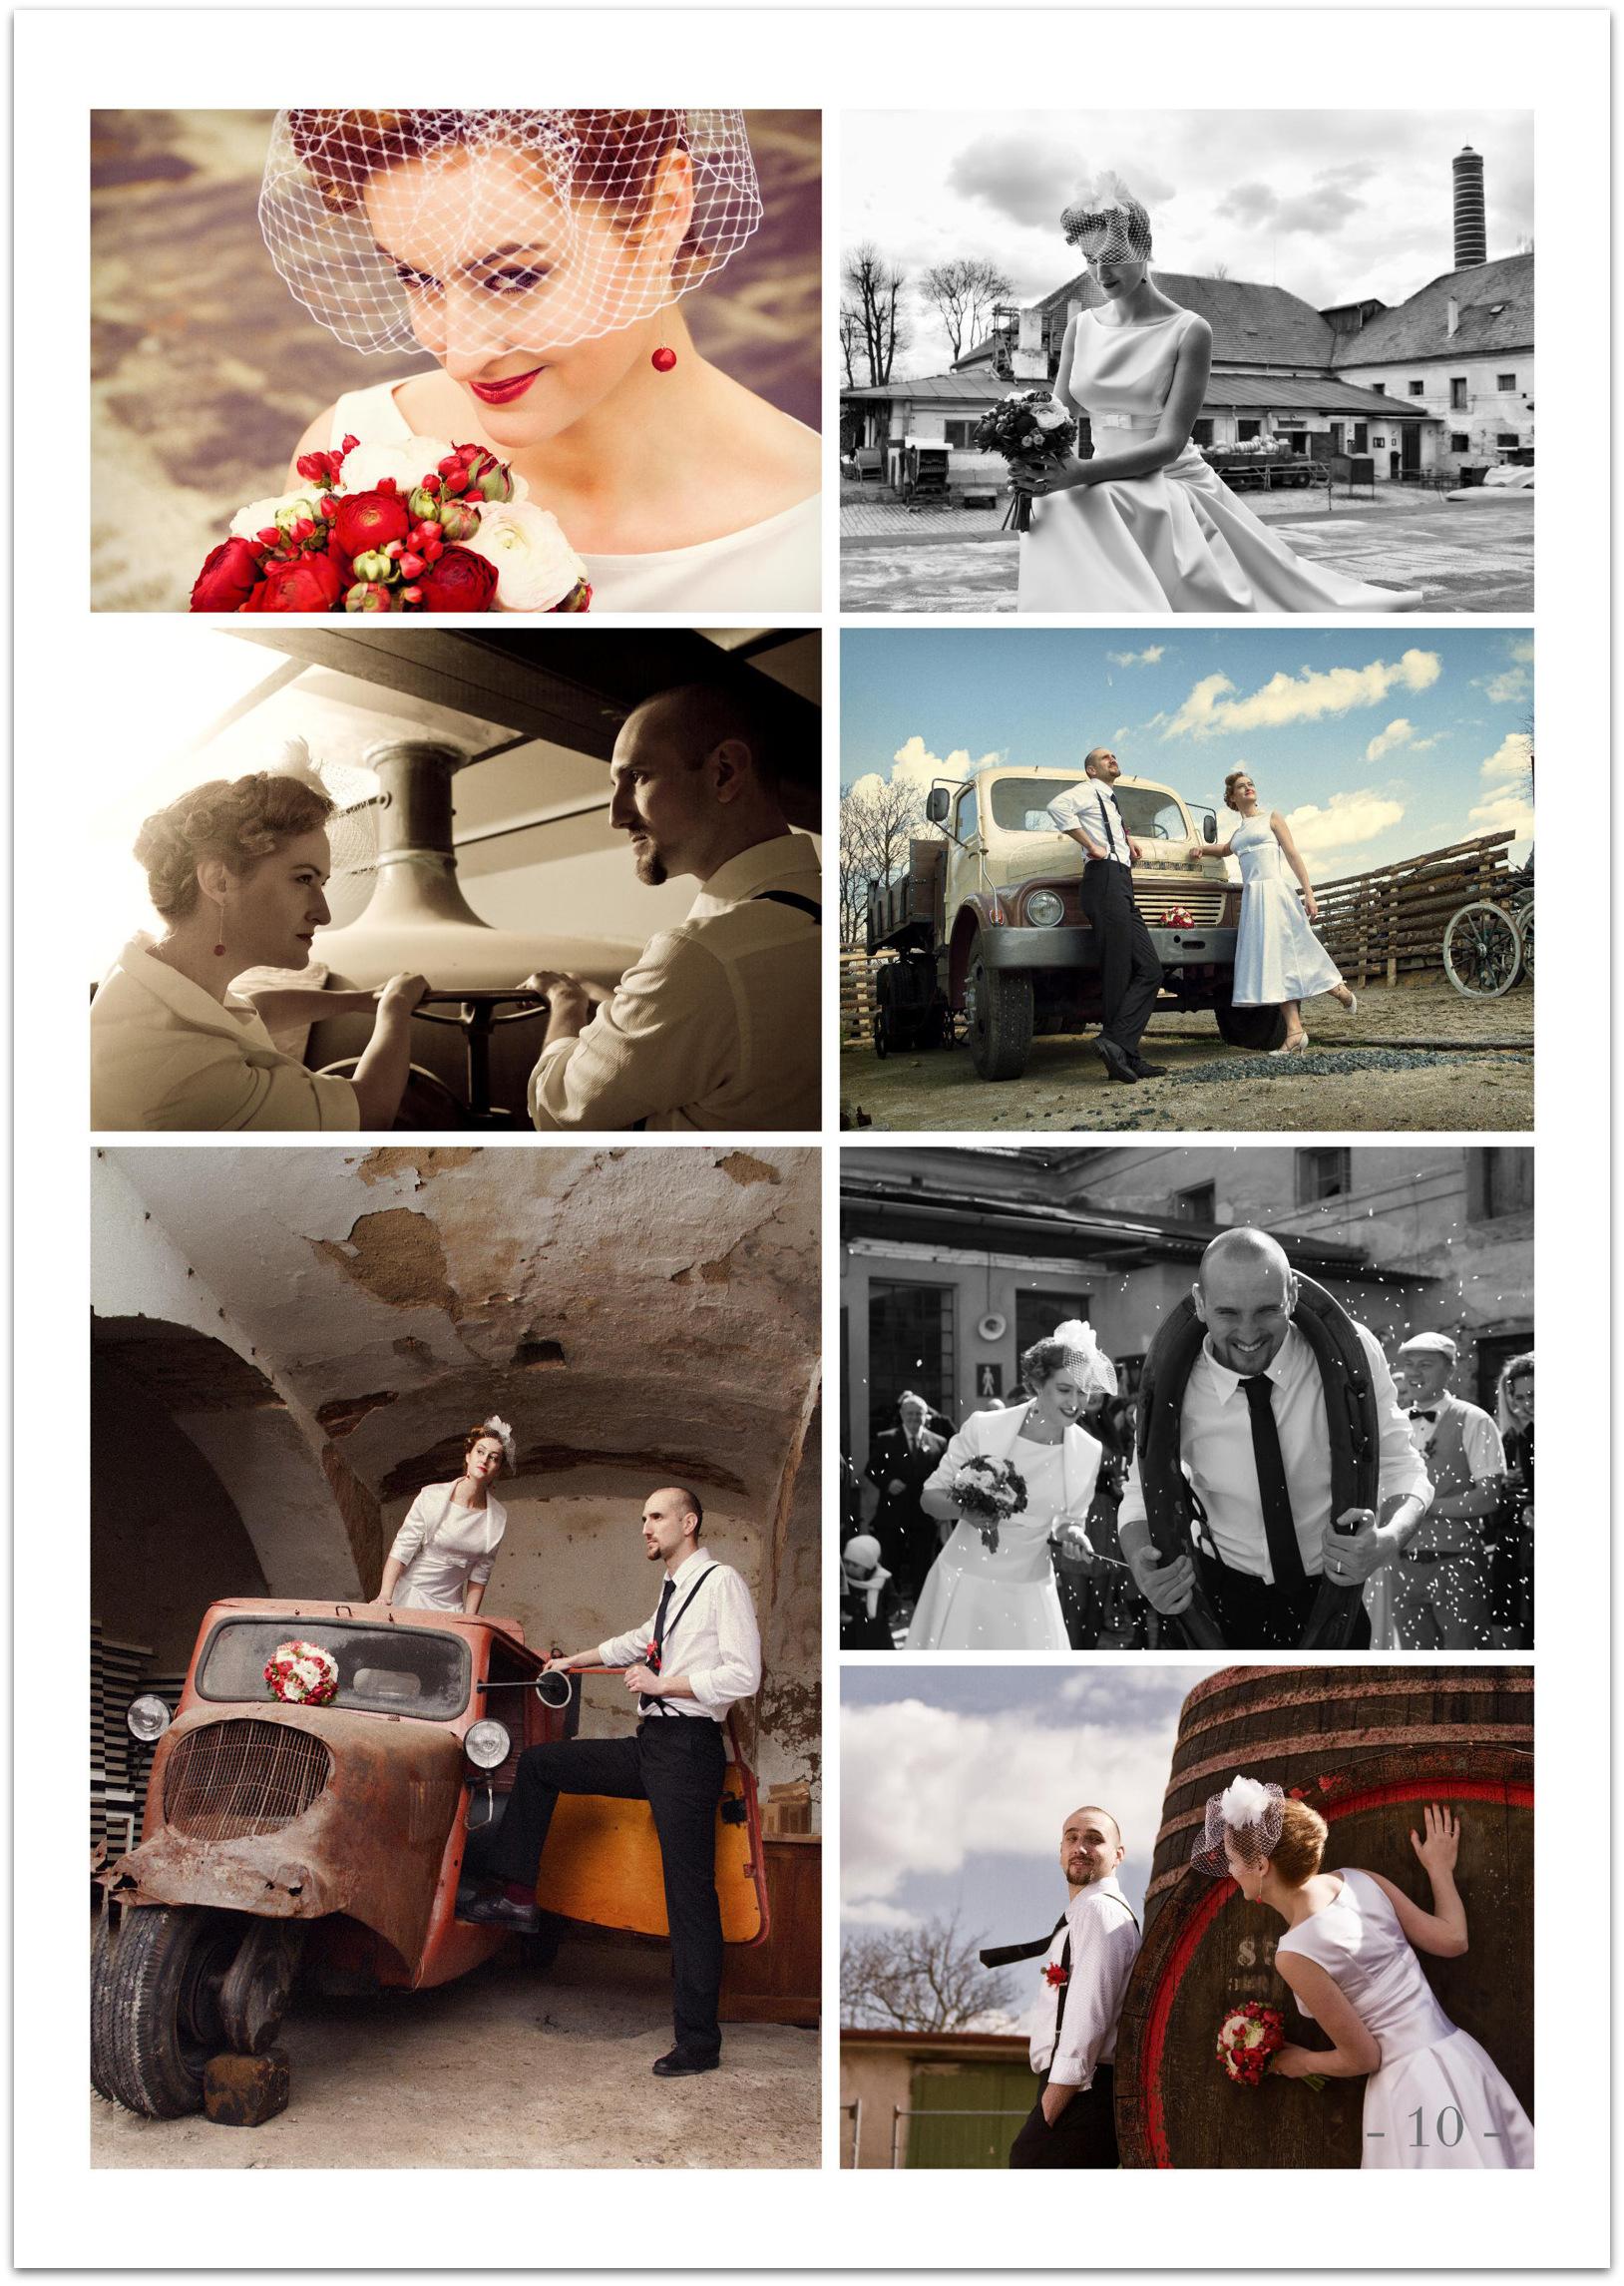 Svatební-fotograf-Praha-Svatební-fotografie-Martina-Root-FotoEmotion--12